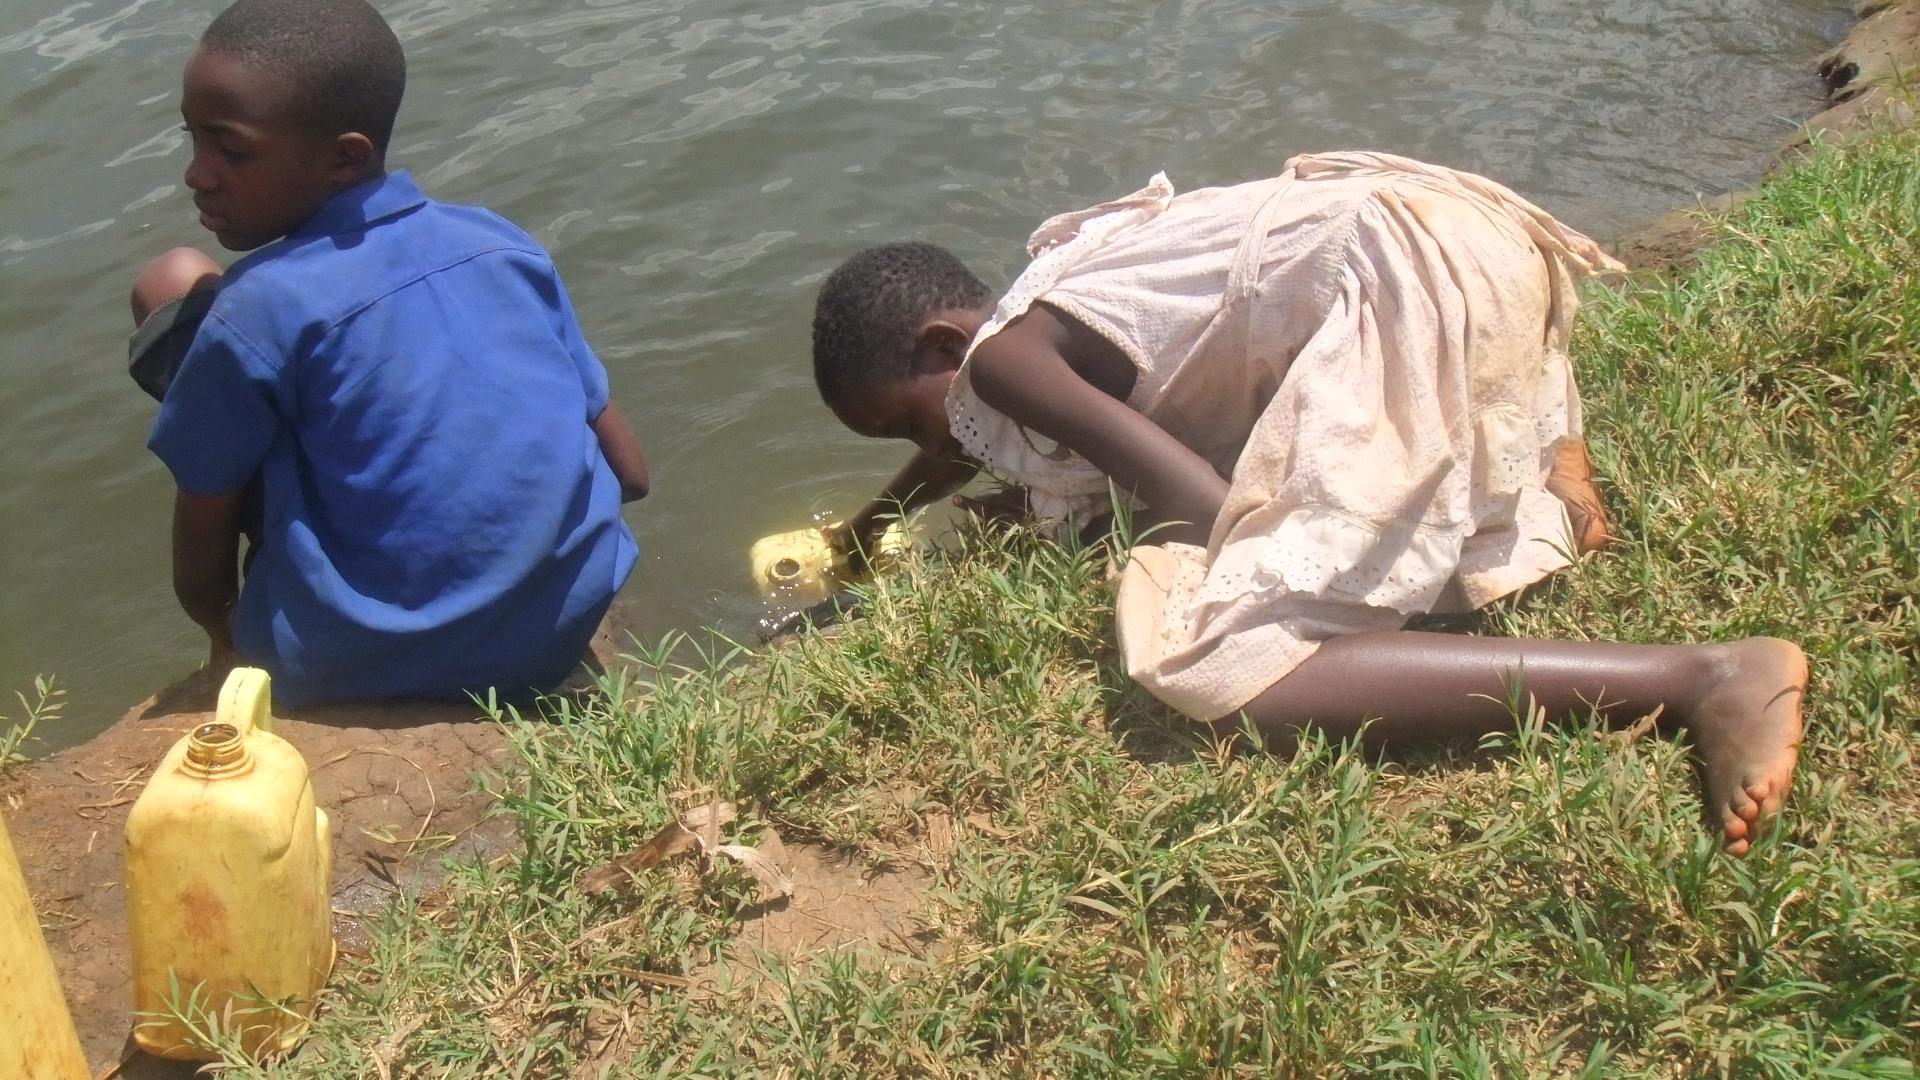 水汲みのため長距離を歩かなければならない子どもたち。汚い水を飲むことで病気にかかる場合もあります